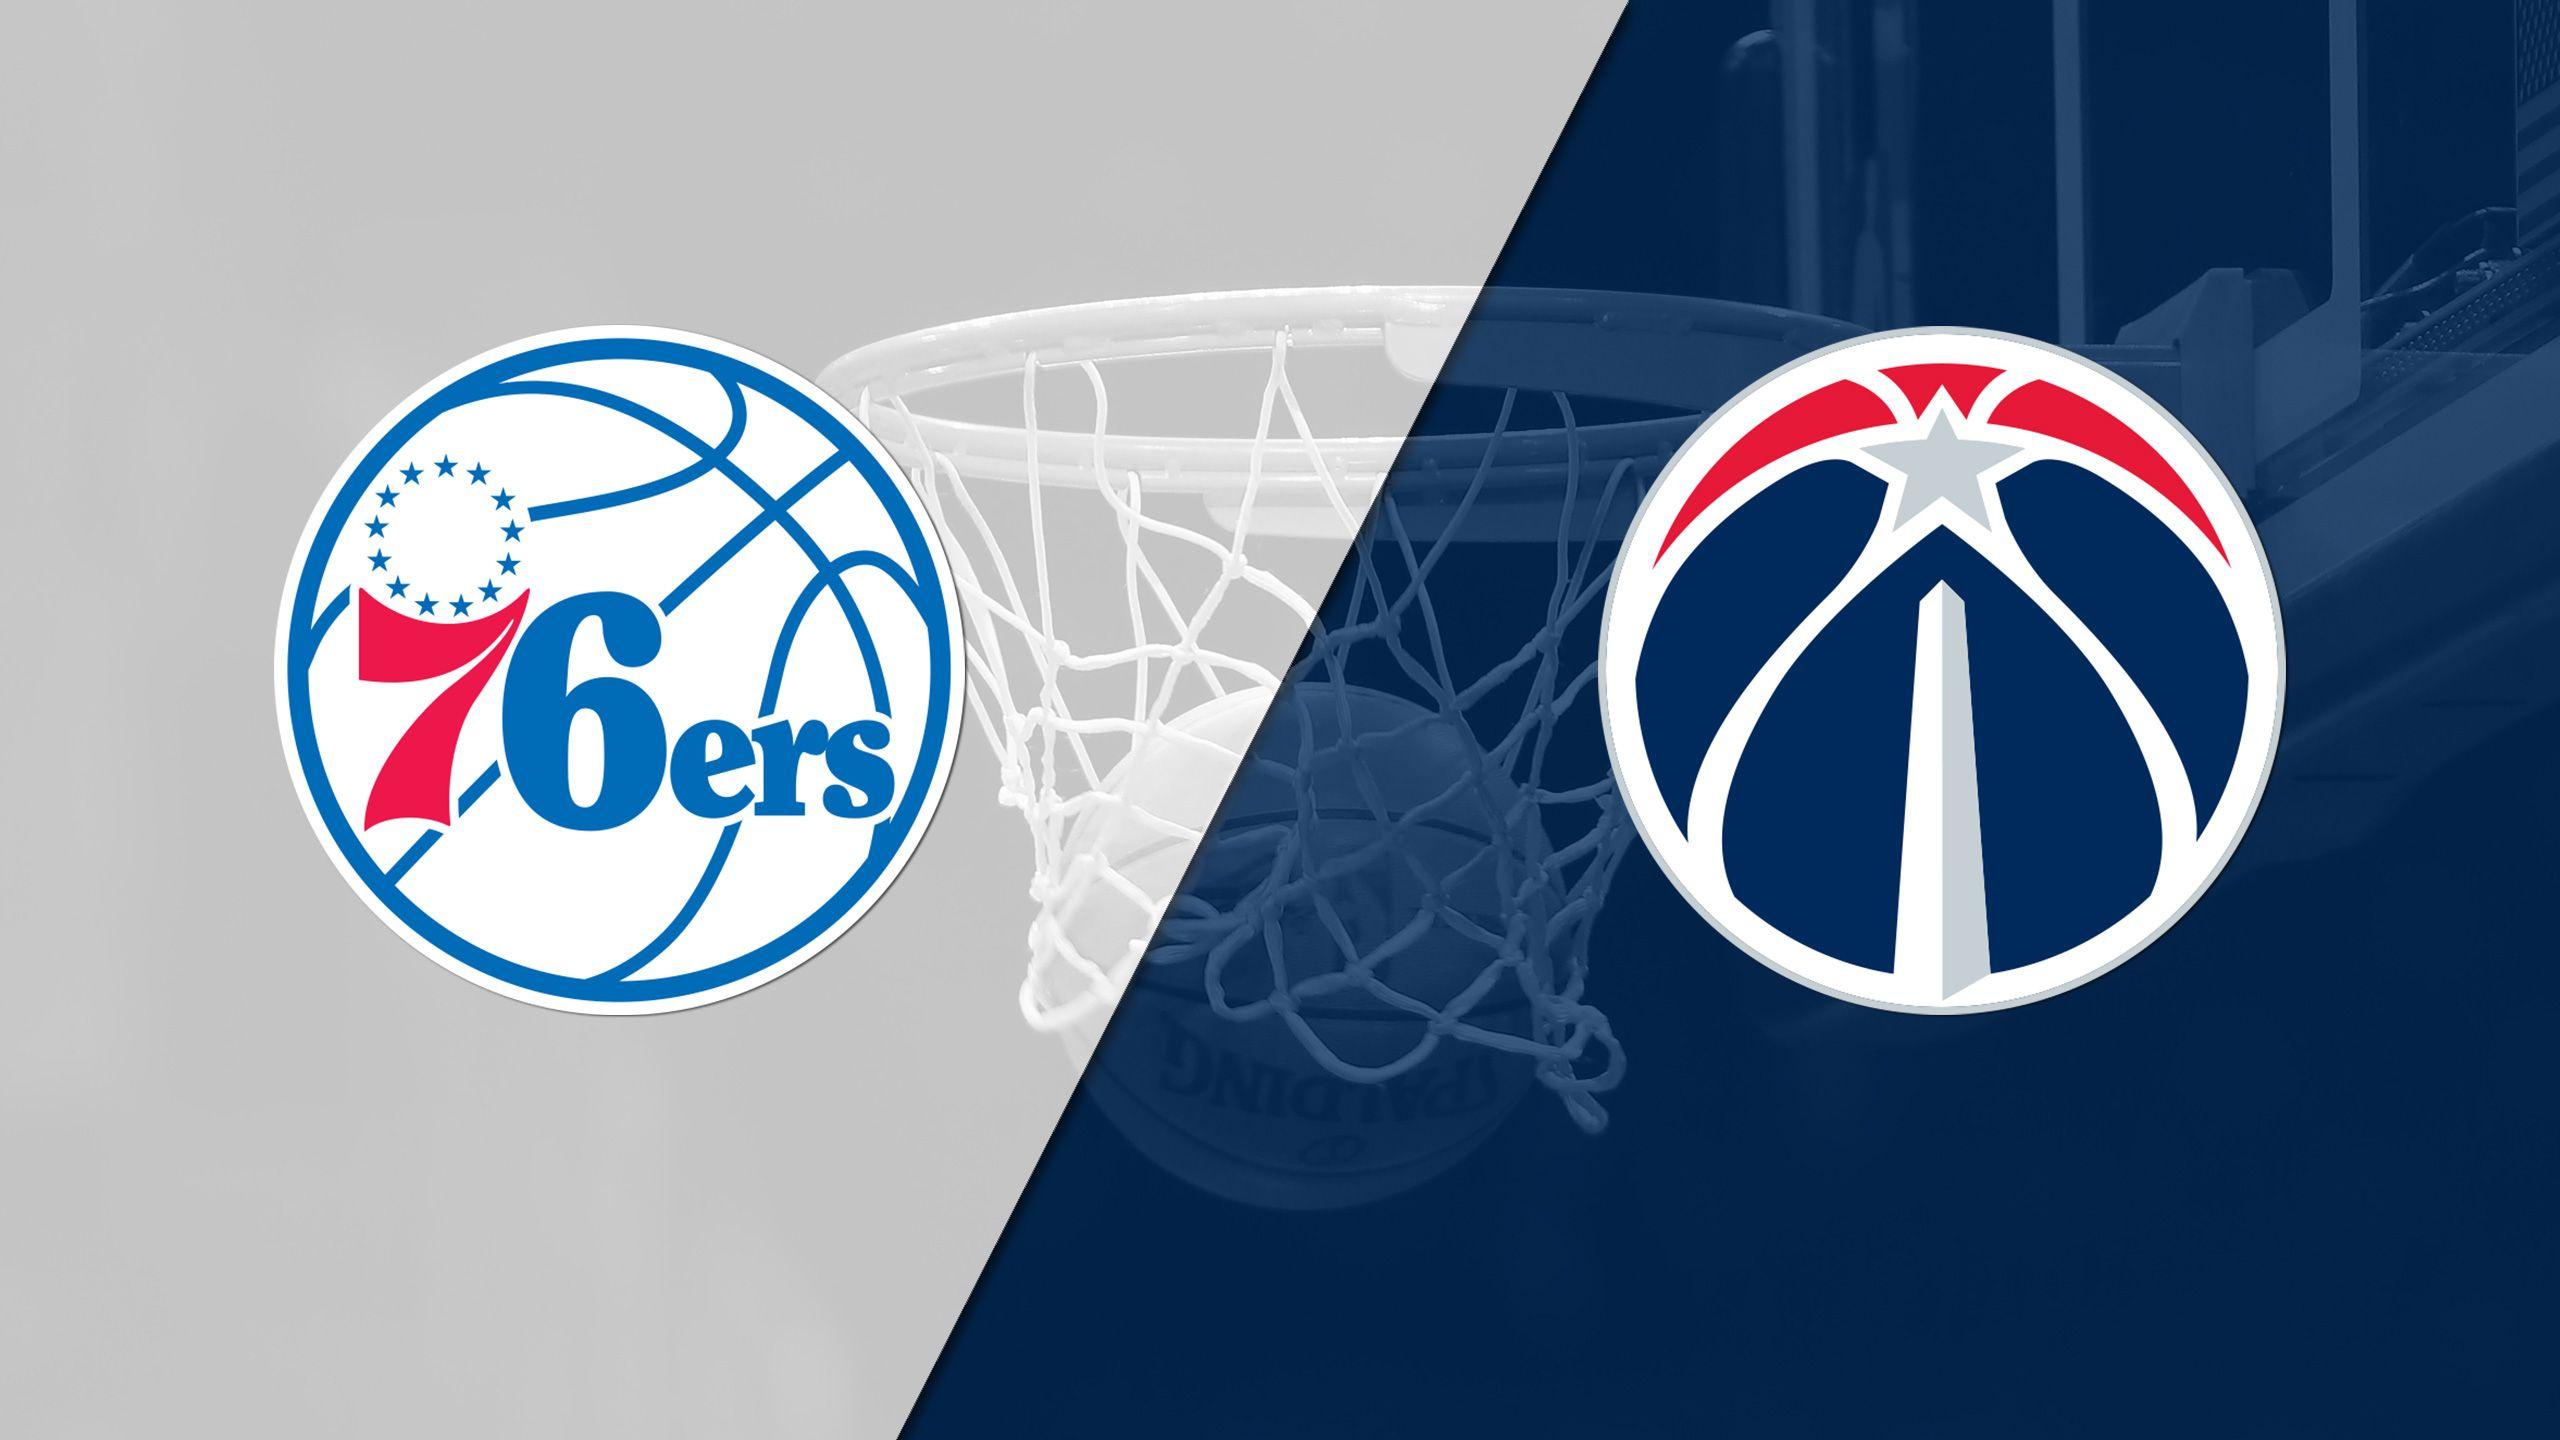 In Spanish - Philadelphia 76ers vs. Washington Wizards